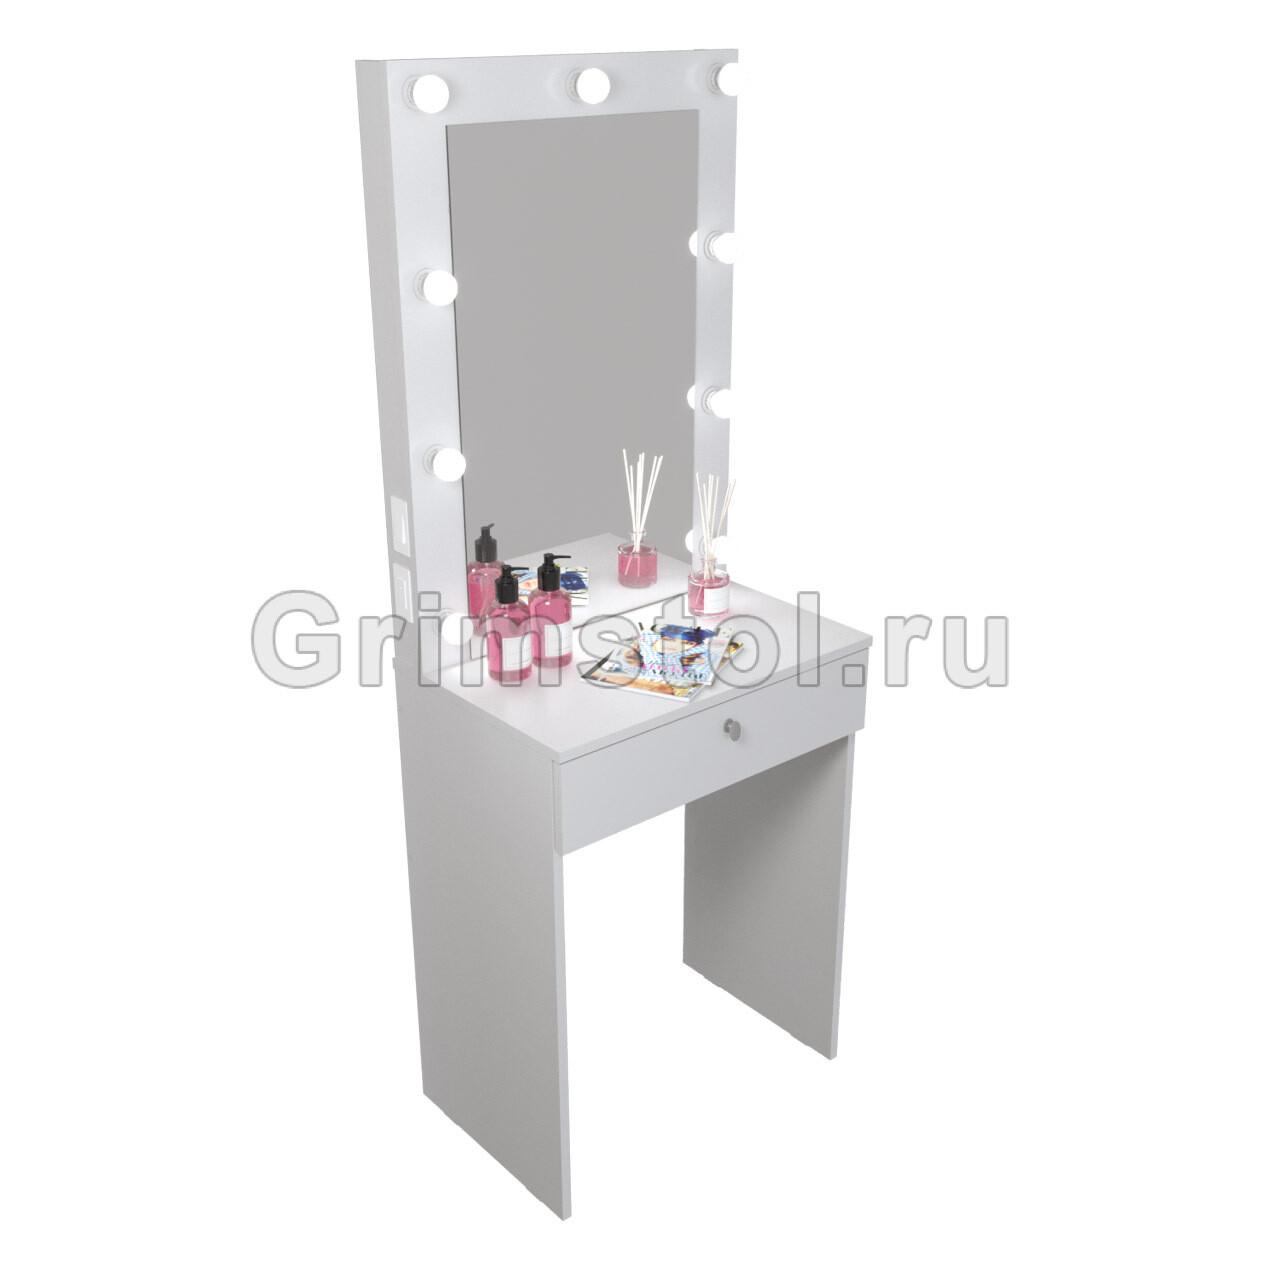 Гримерный столик 0Р60